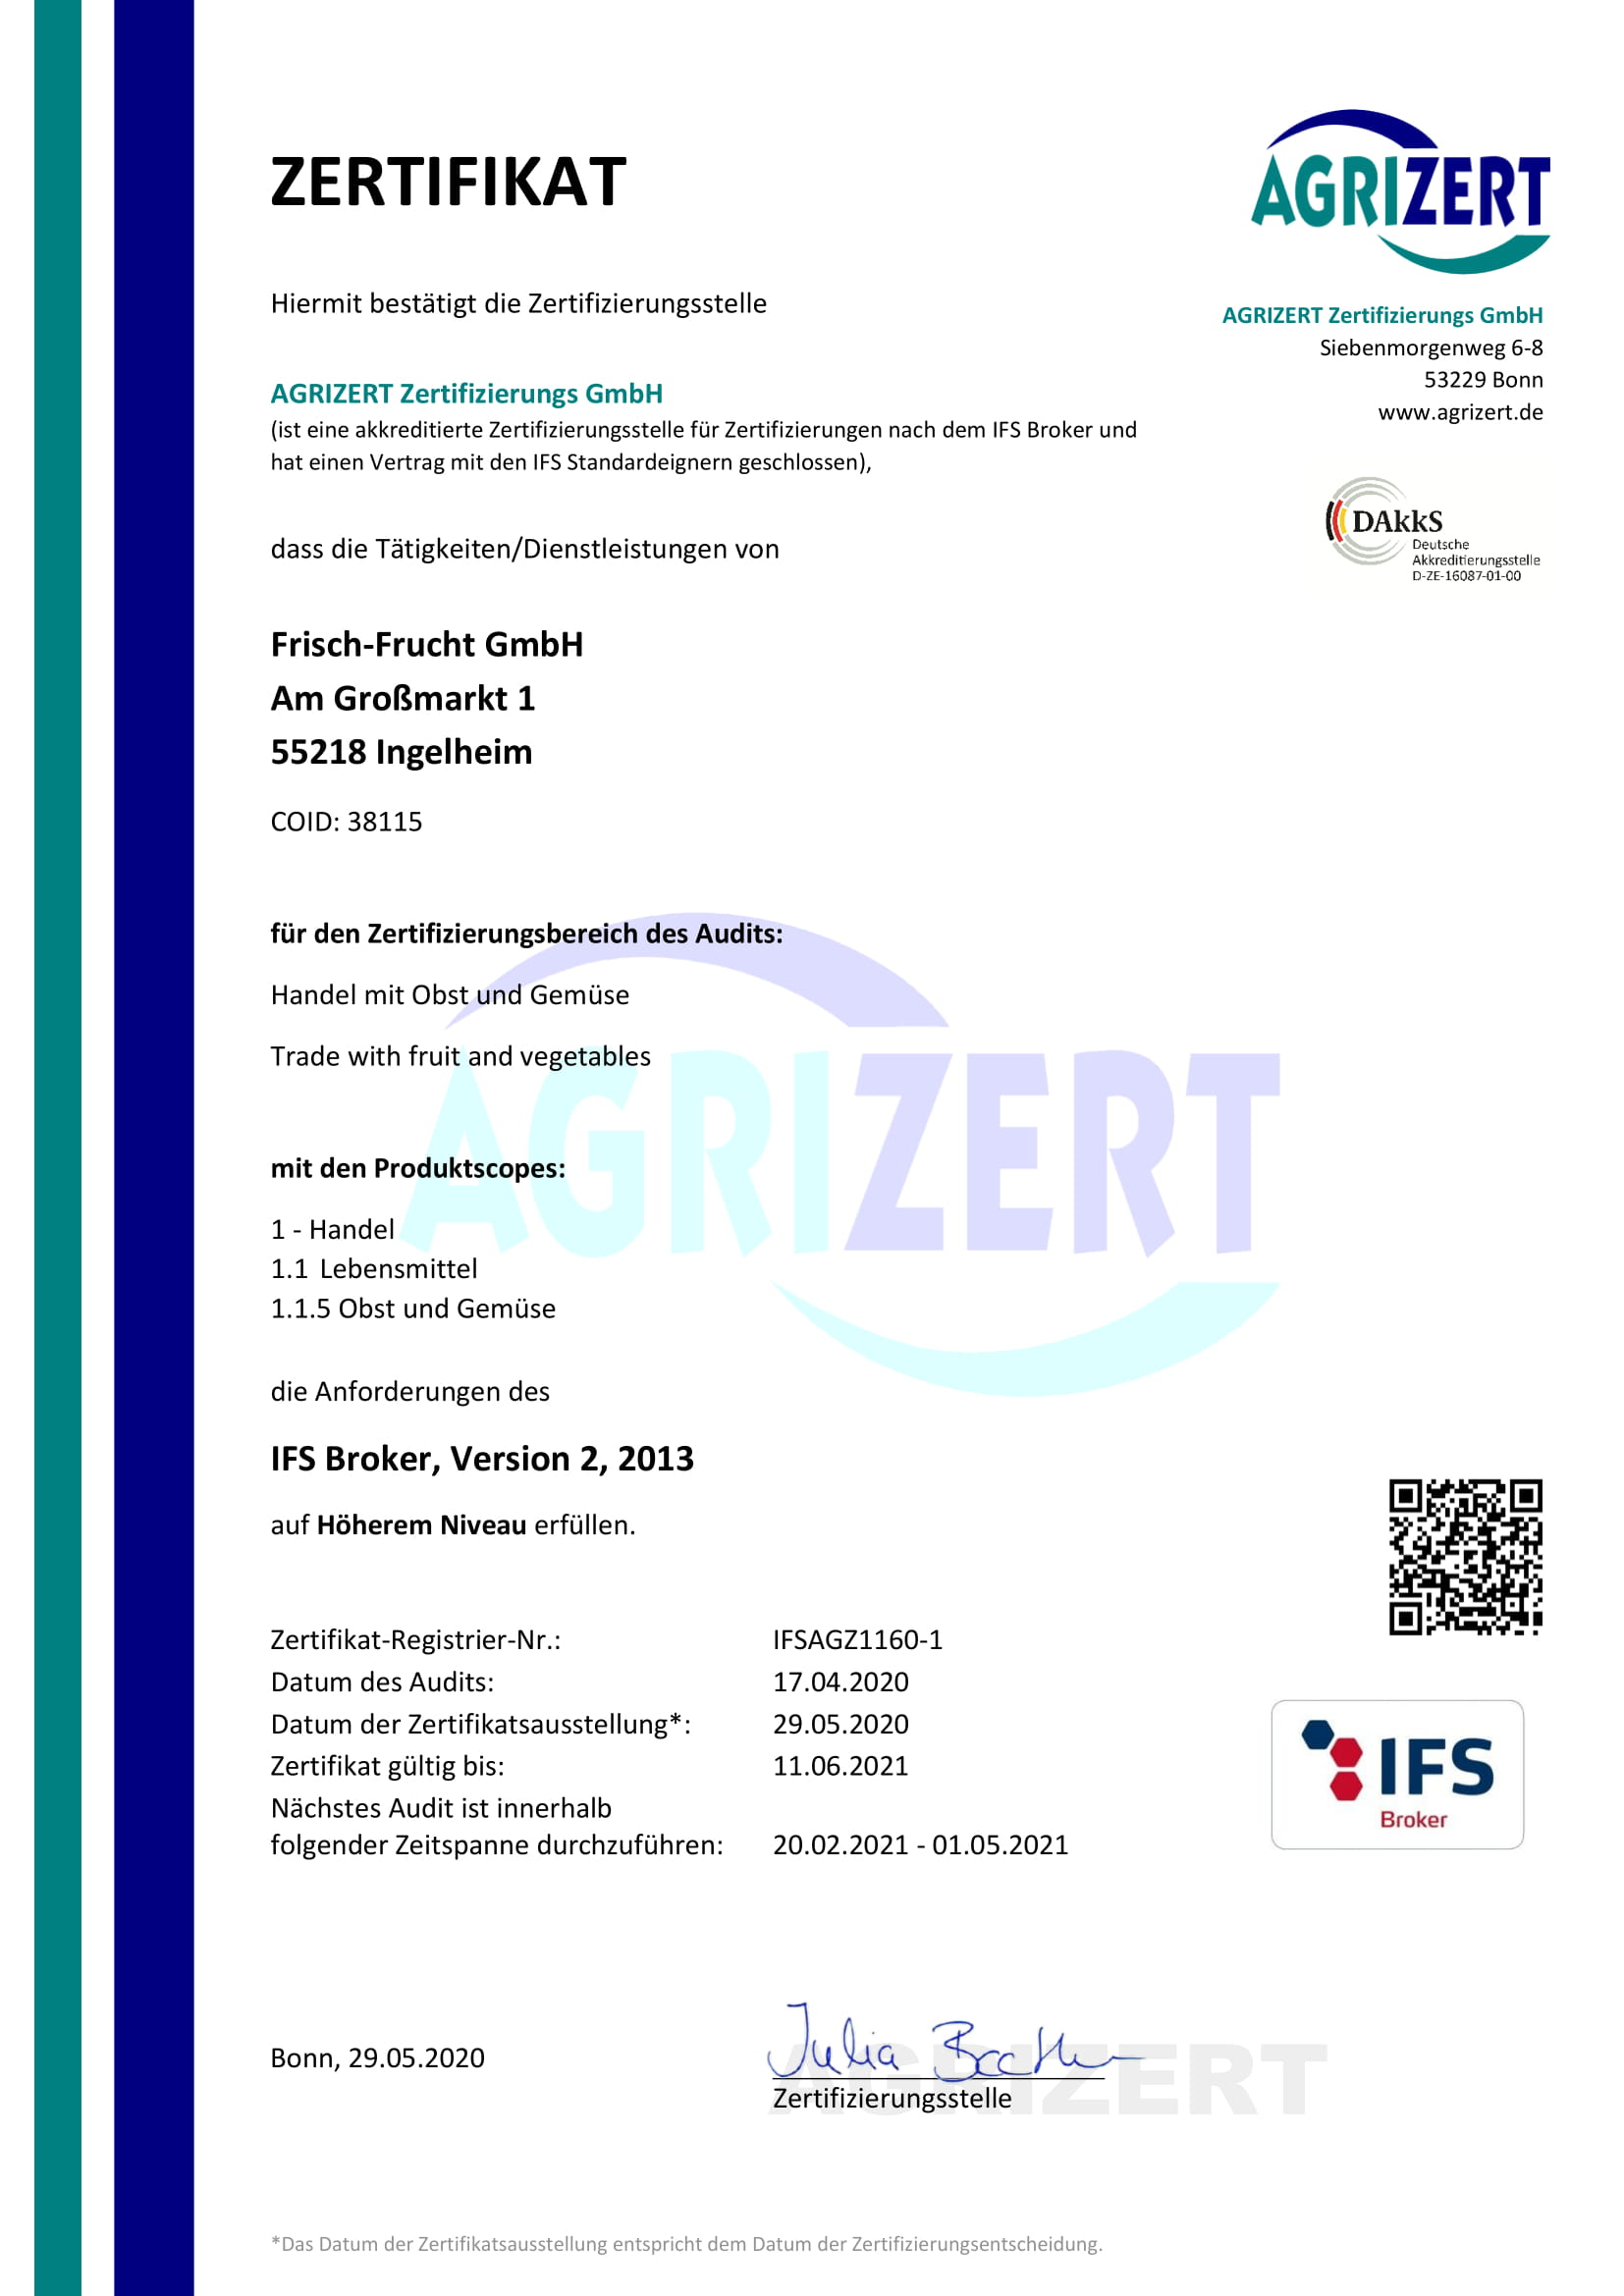 ifs-broker-bis-11-06-2021-1